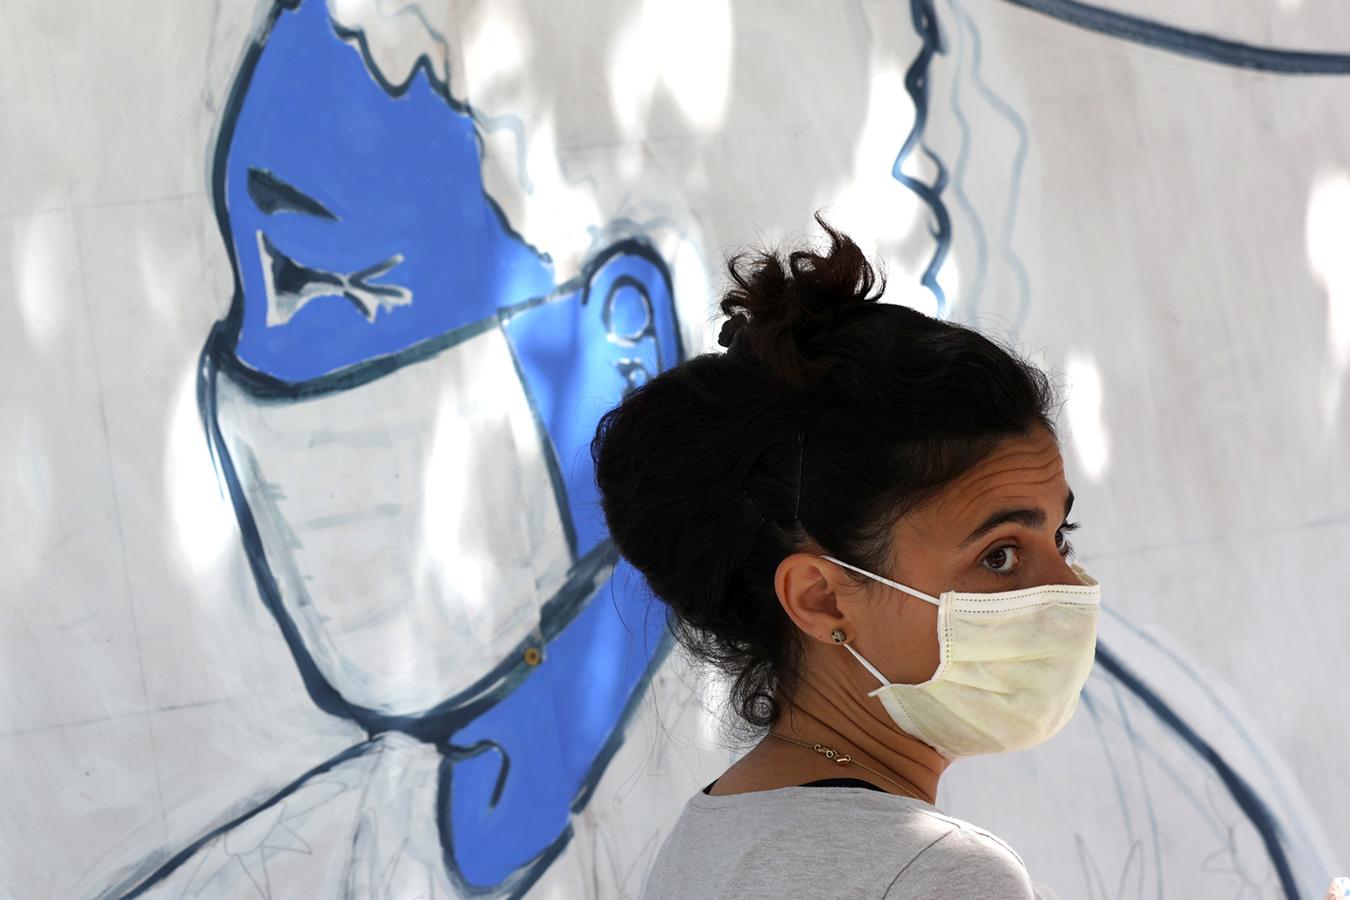 En Legislative Shuffle, California prioriza el equipo de seguridad y la licencia por enfermedad durante la crisis